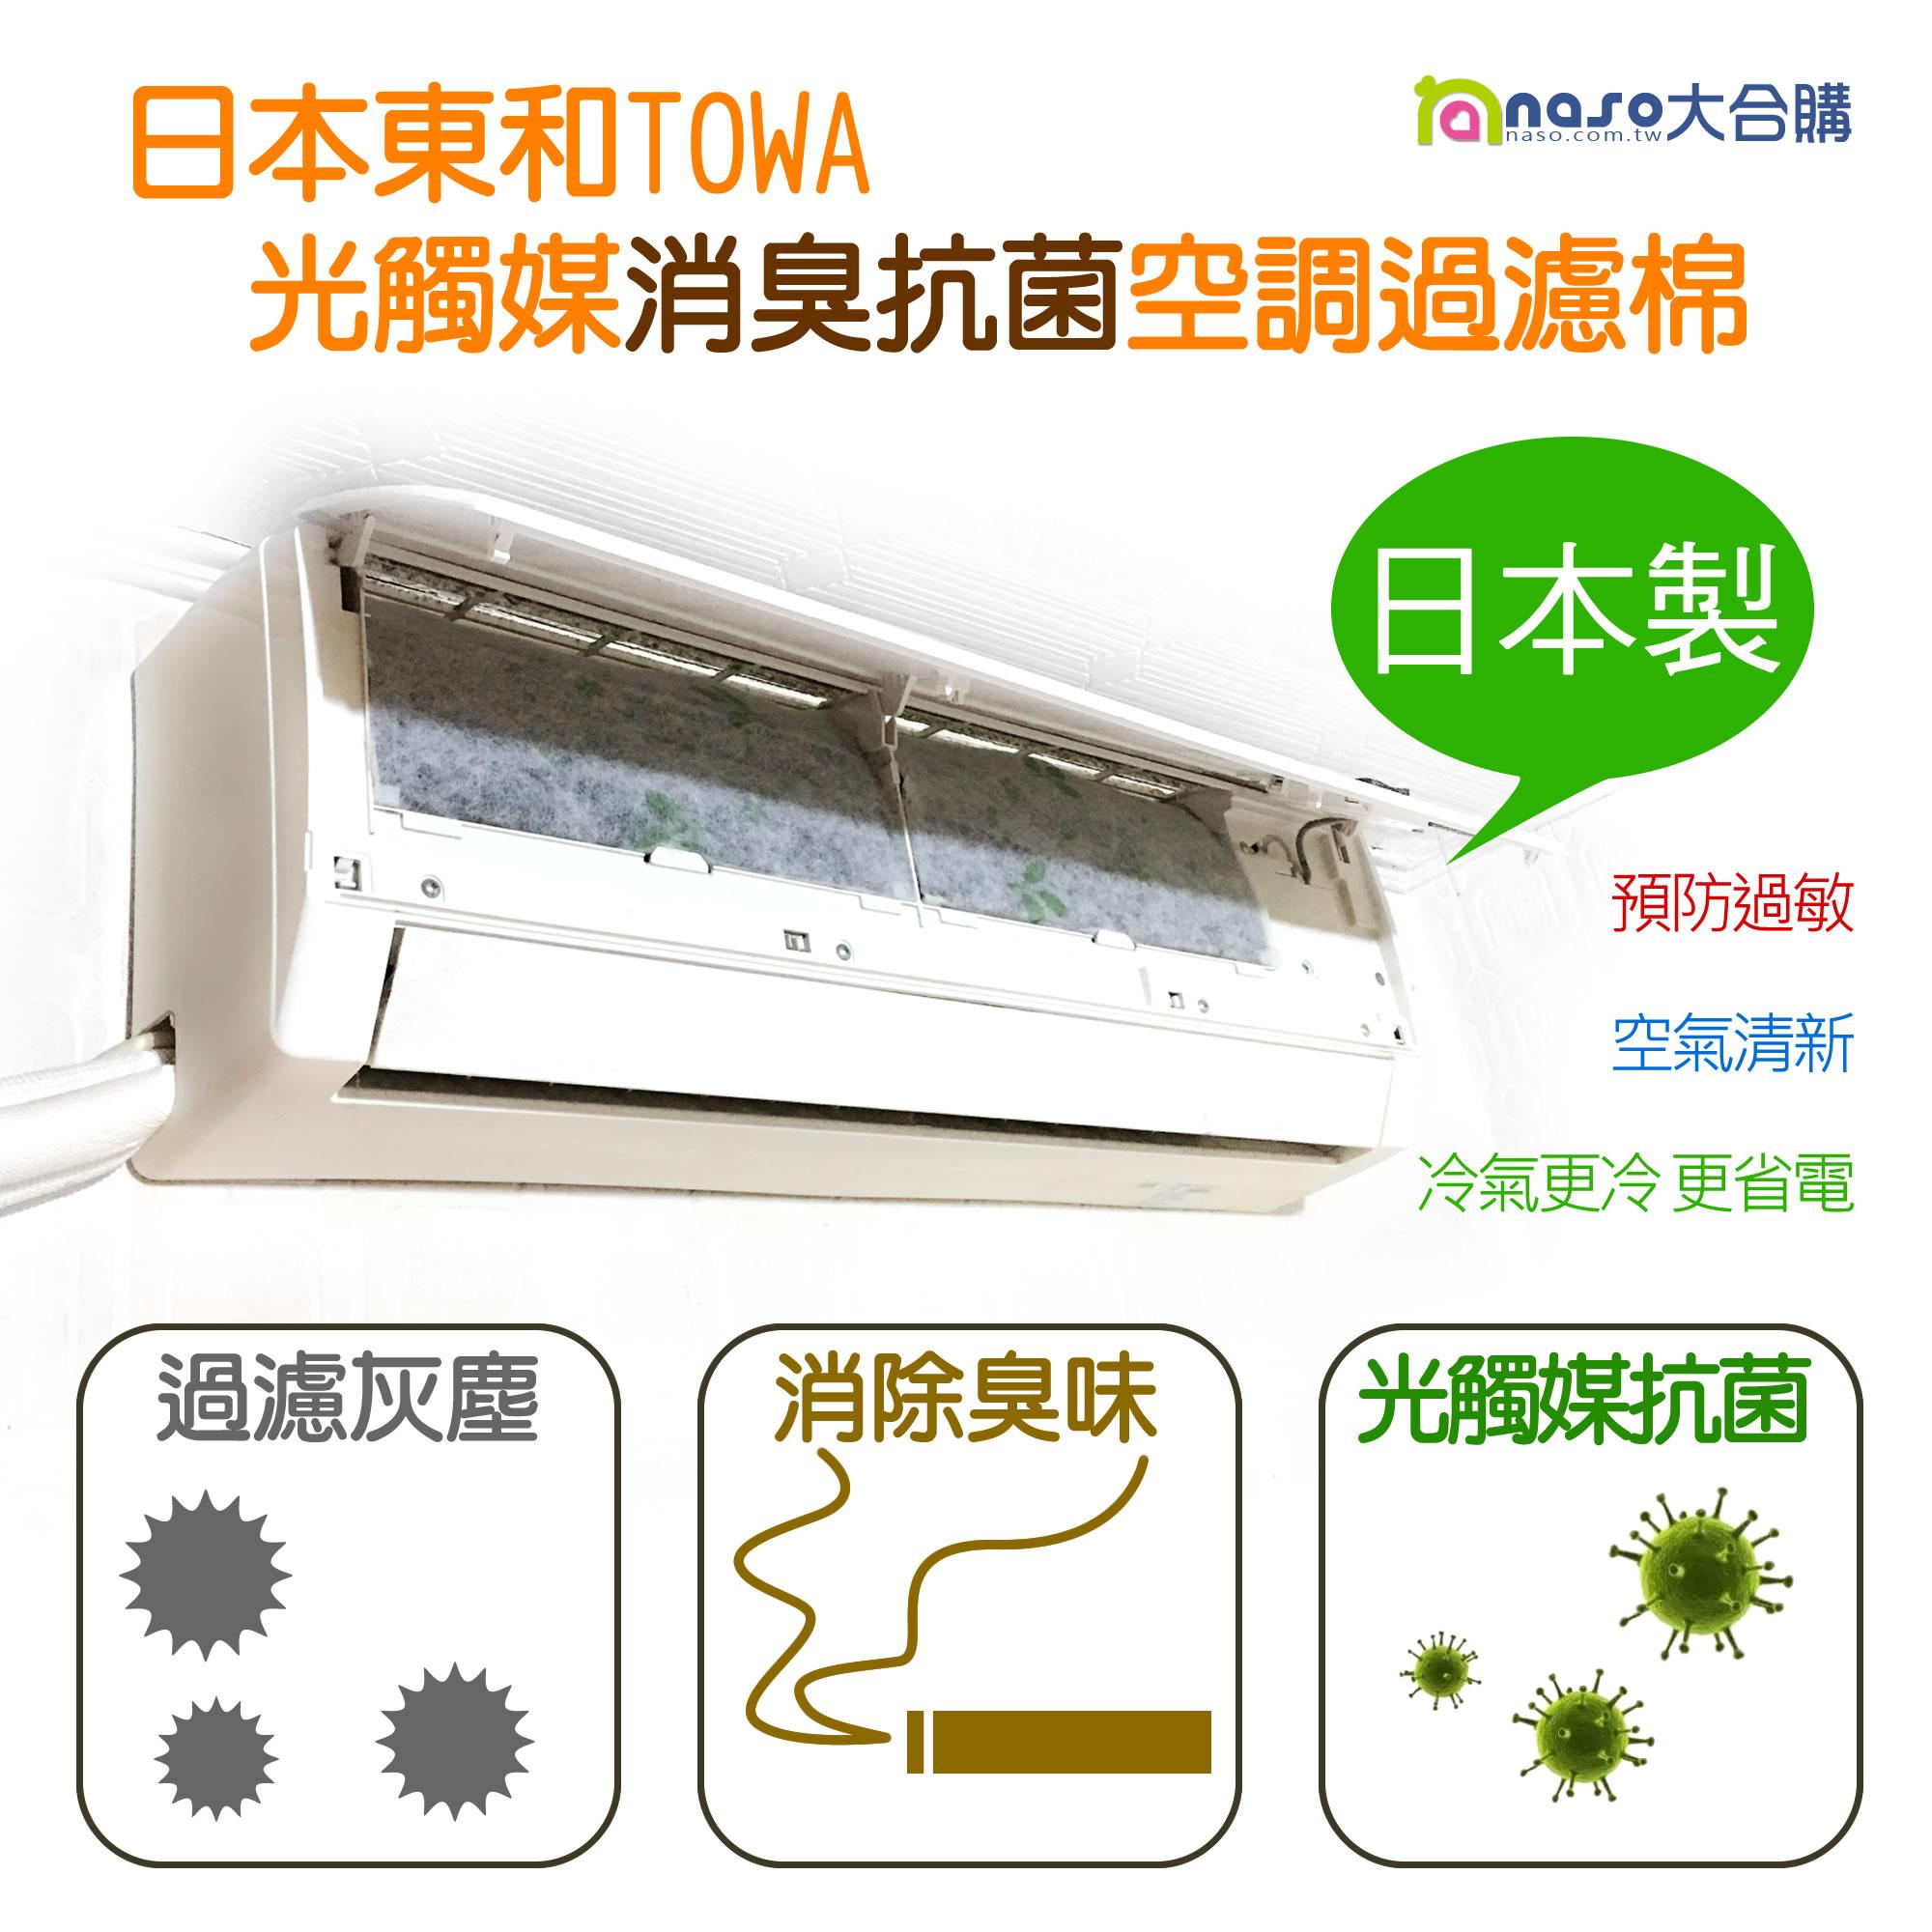 【日本東和】TOWA光觸媒消臭抗菌空調過濾棉(3枚入)